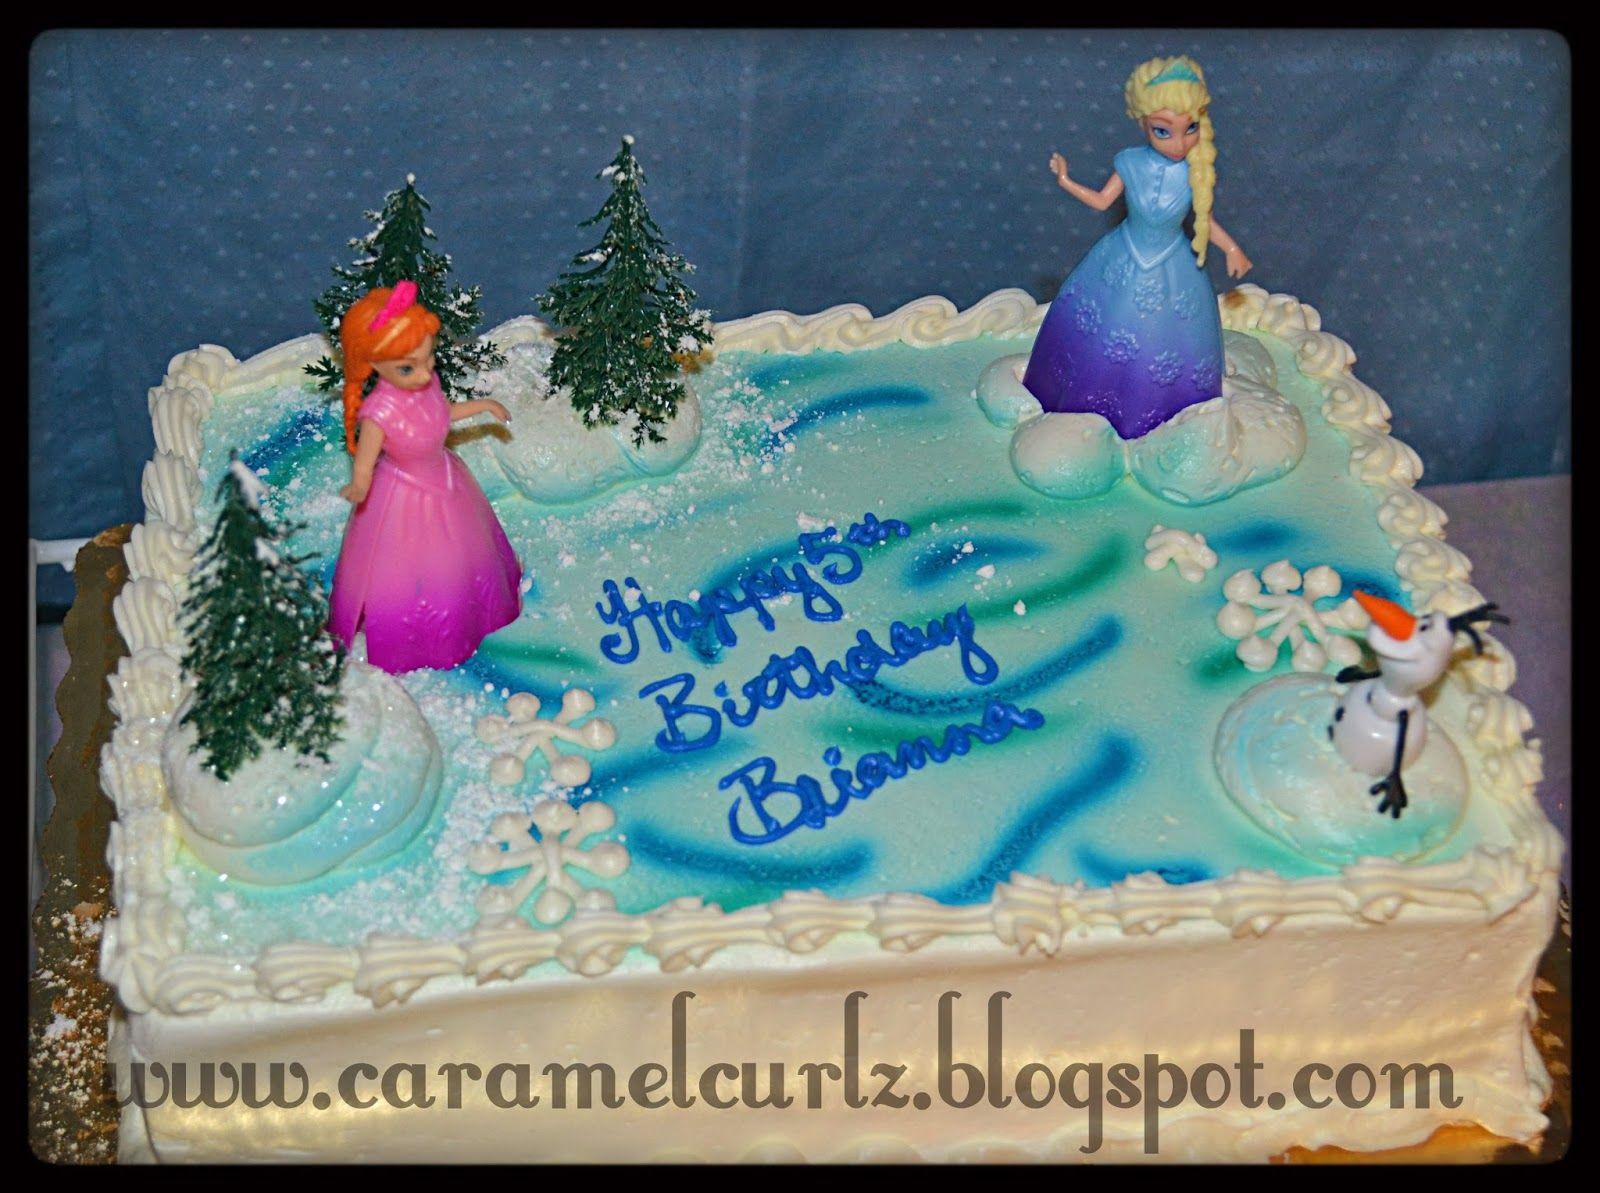 Best ideas about Frozen Birthday Cake Walmart . Save or Pin Caramel Curlz & Swirls Frozen 5th Birthday Celebration Now.